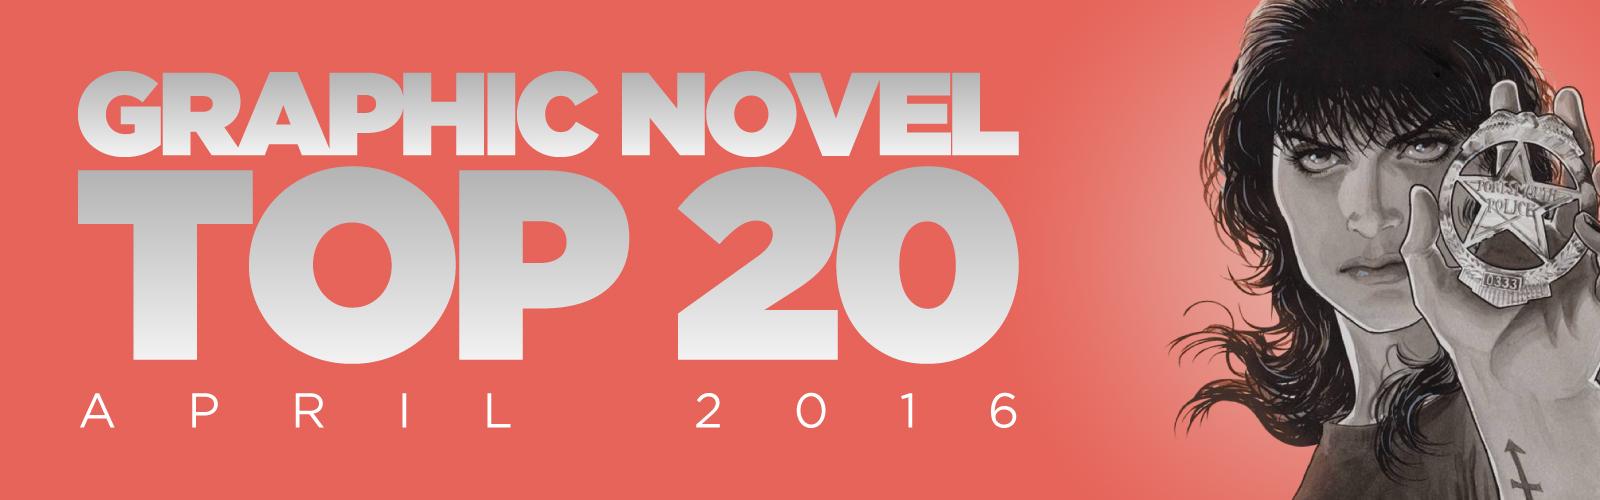 ACE Comics Top 20 Graphic Novels Chart, April 2016